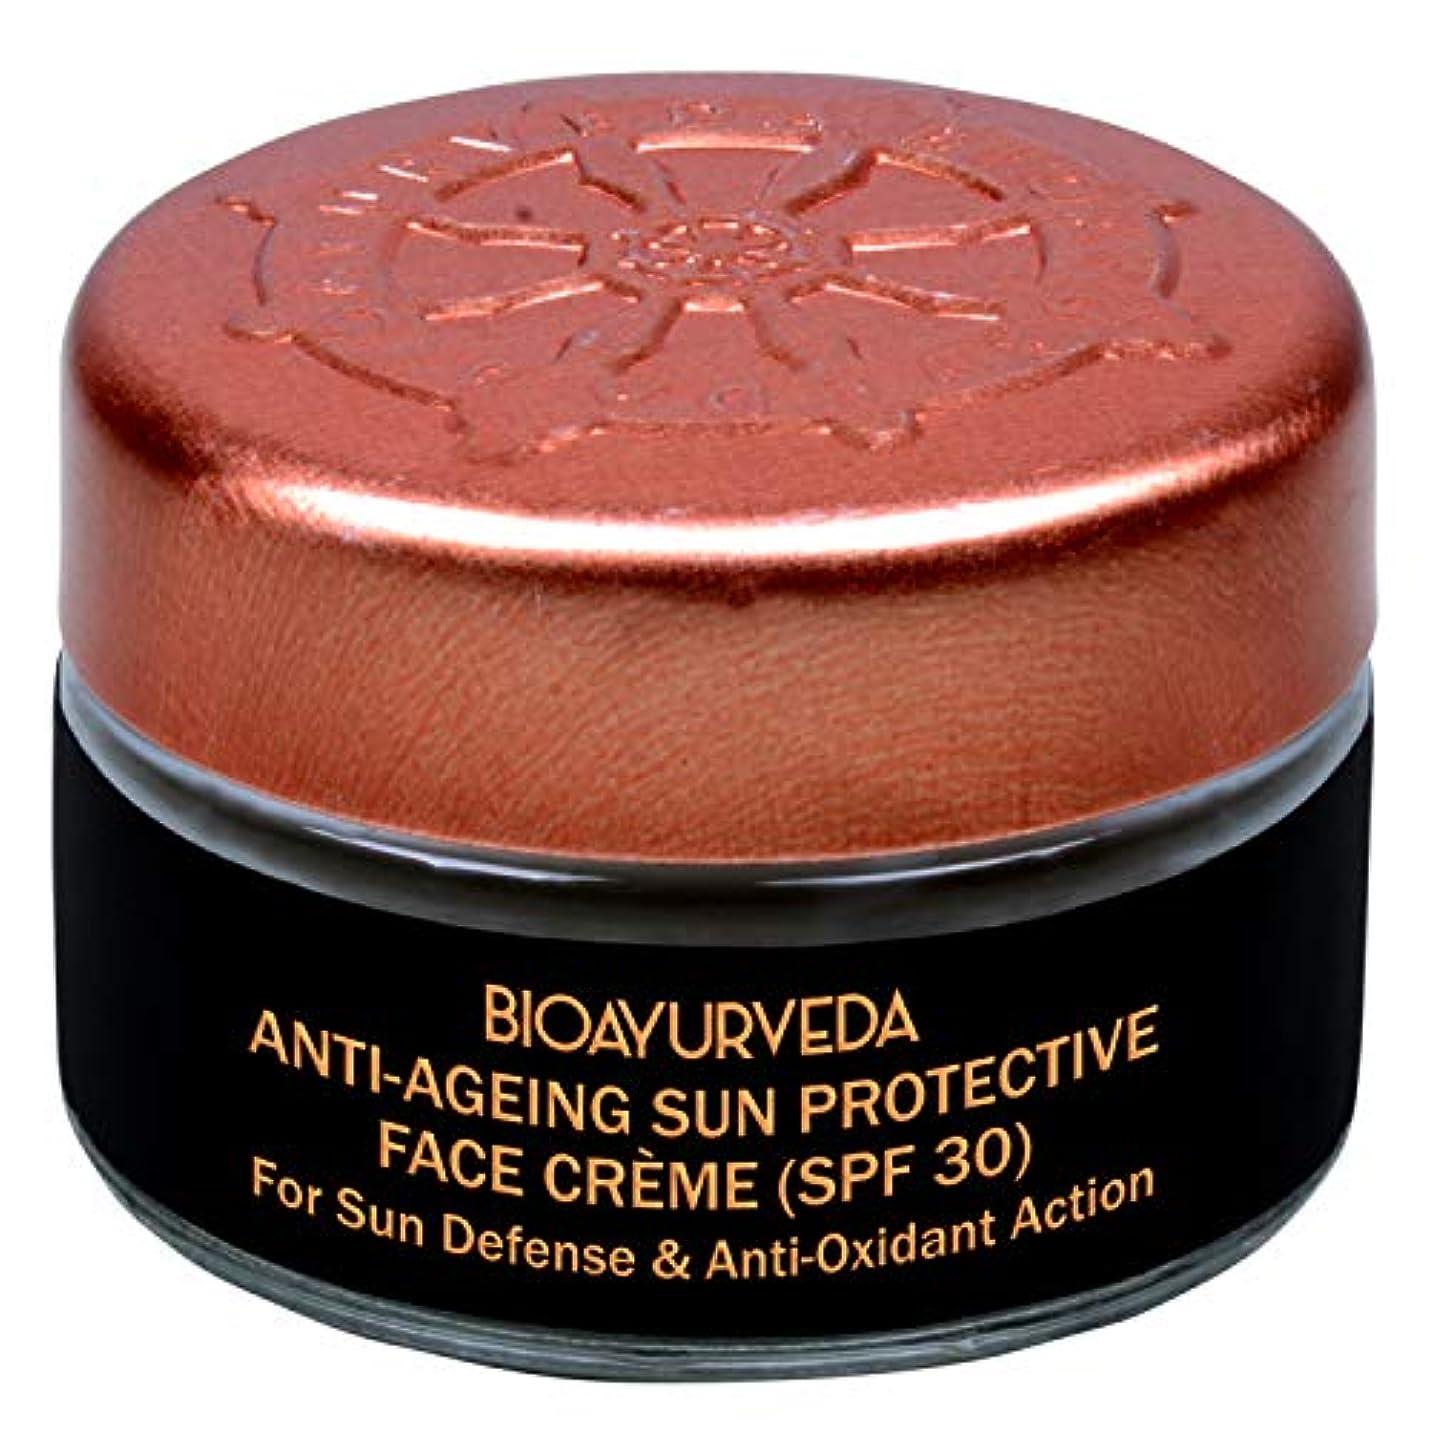 ビリー陰謀特異なBIOAYURVEDAアンチエイジングサンプロテクティブクリームwith SPF 30 |敏感肌またはニキビ肌に最適な日焼け止め|顔の保湿剤| (20g)